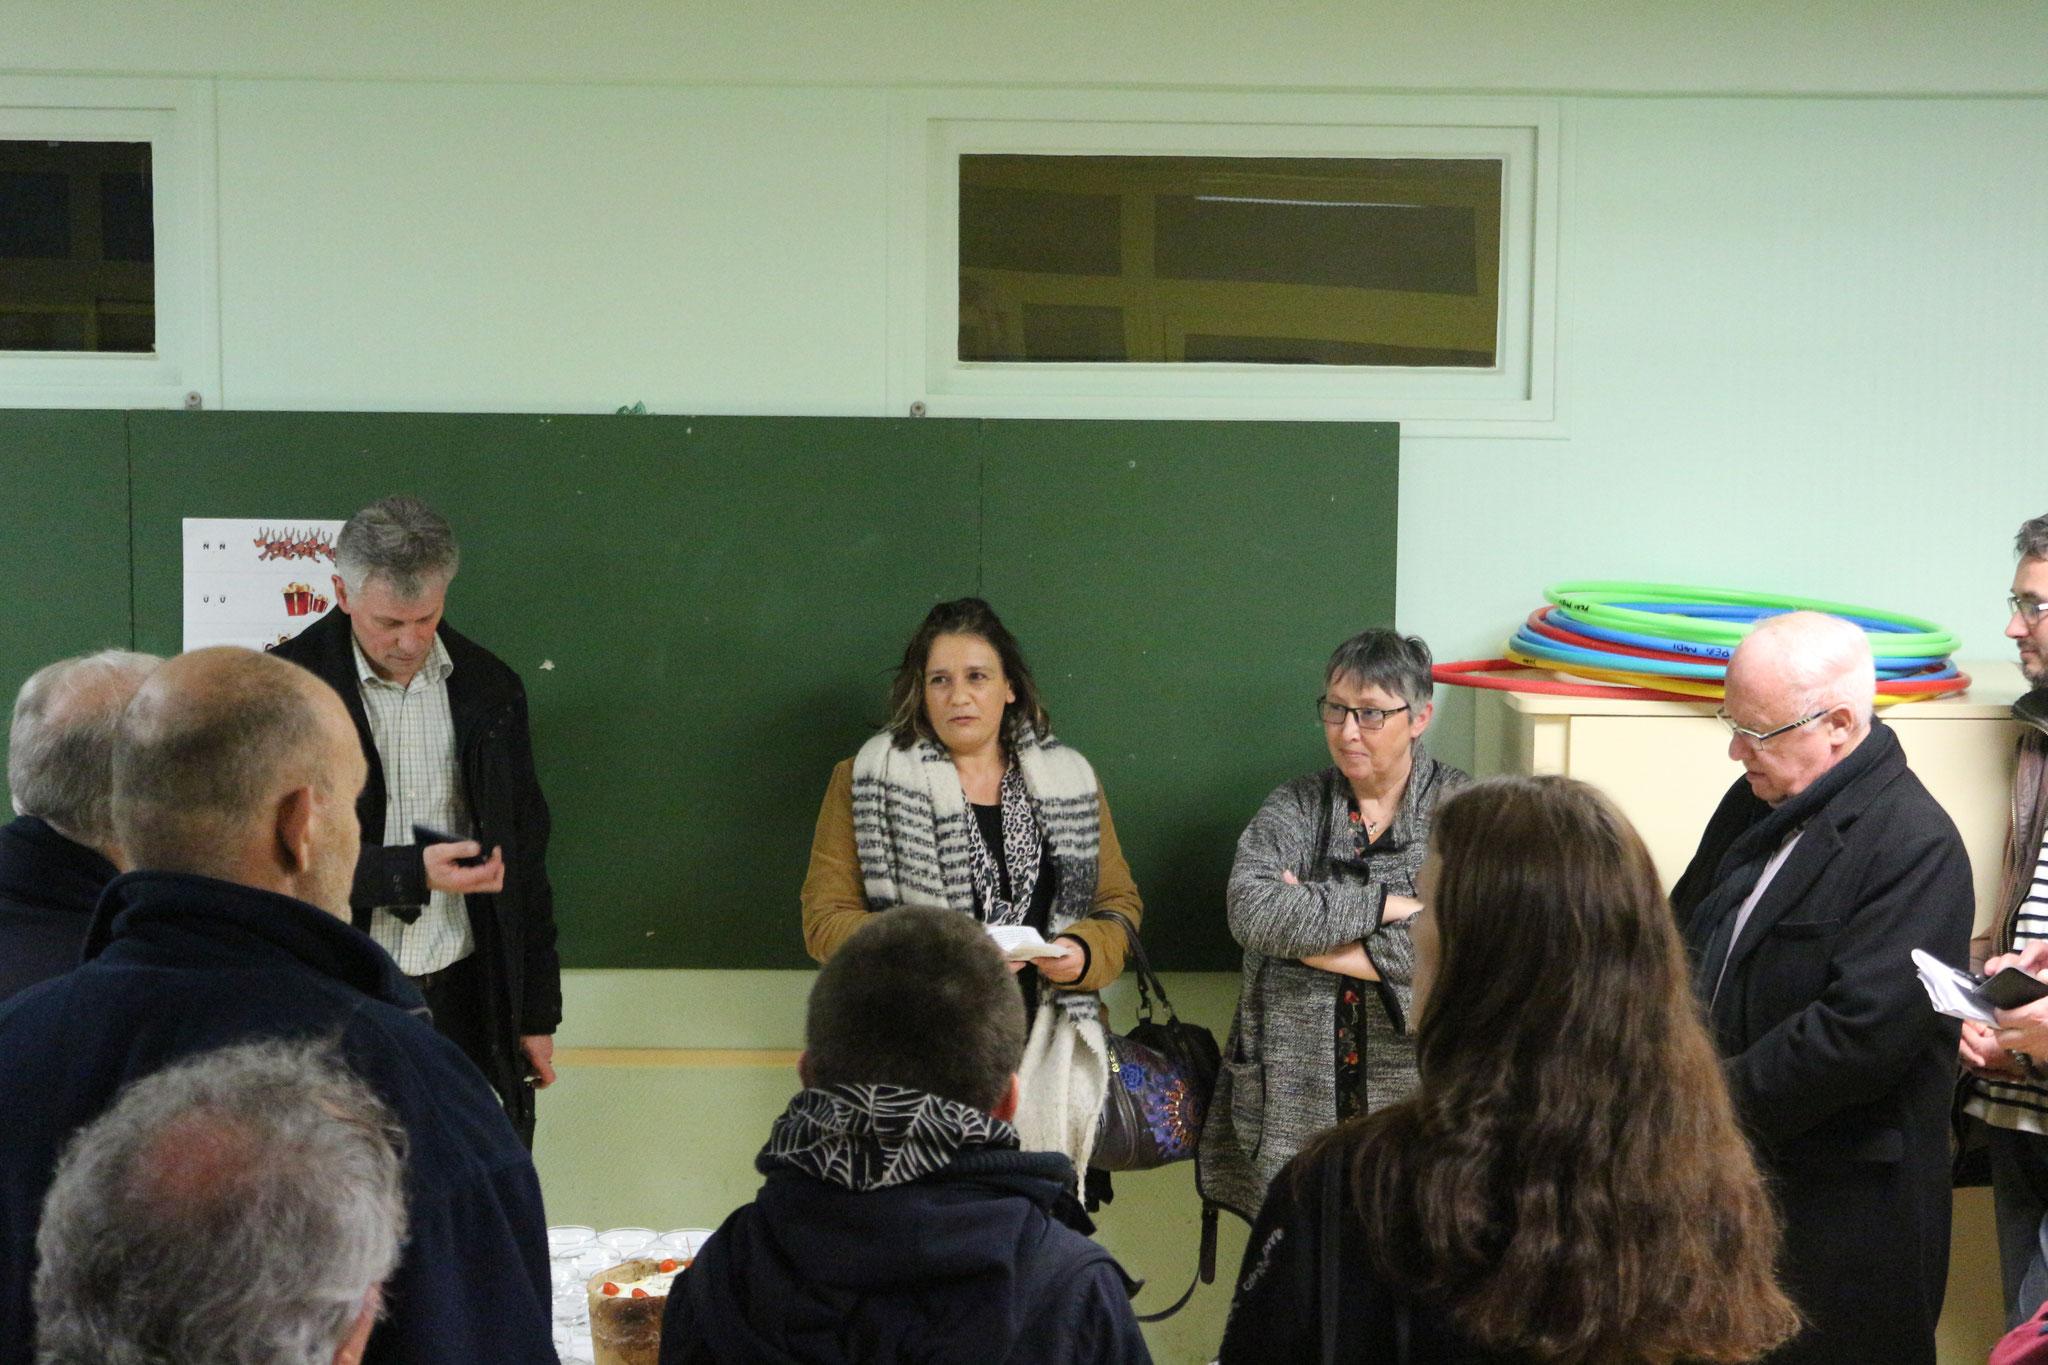 Discours de N. BREUIL, représentant l'Agence Régionale de Santé de Normandie